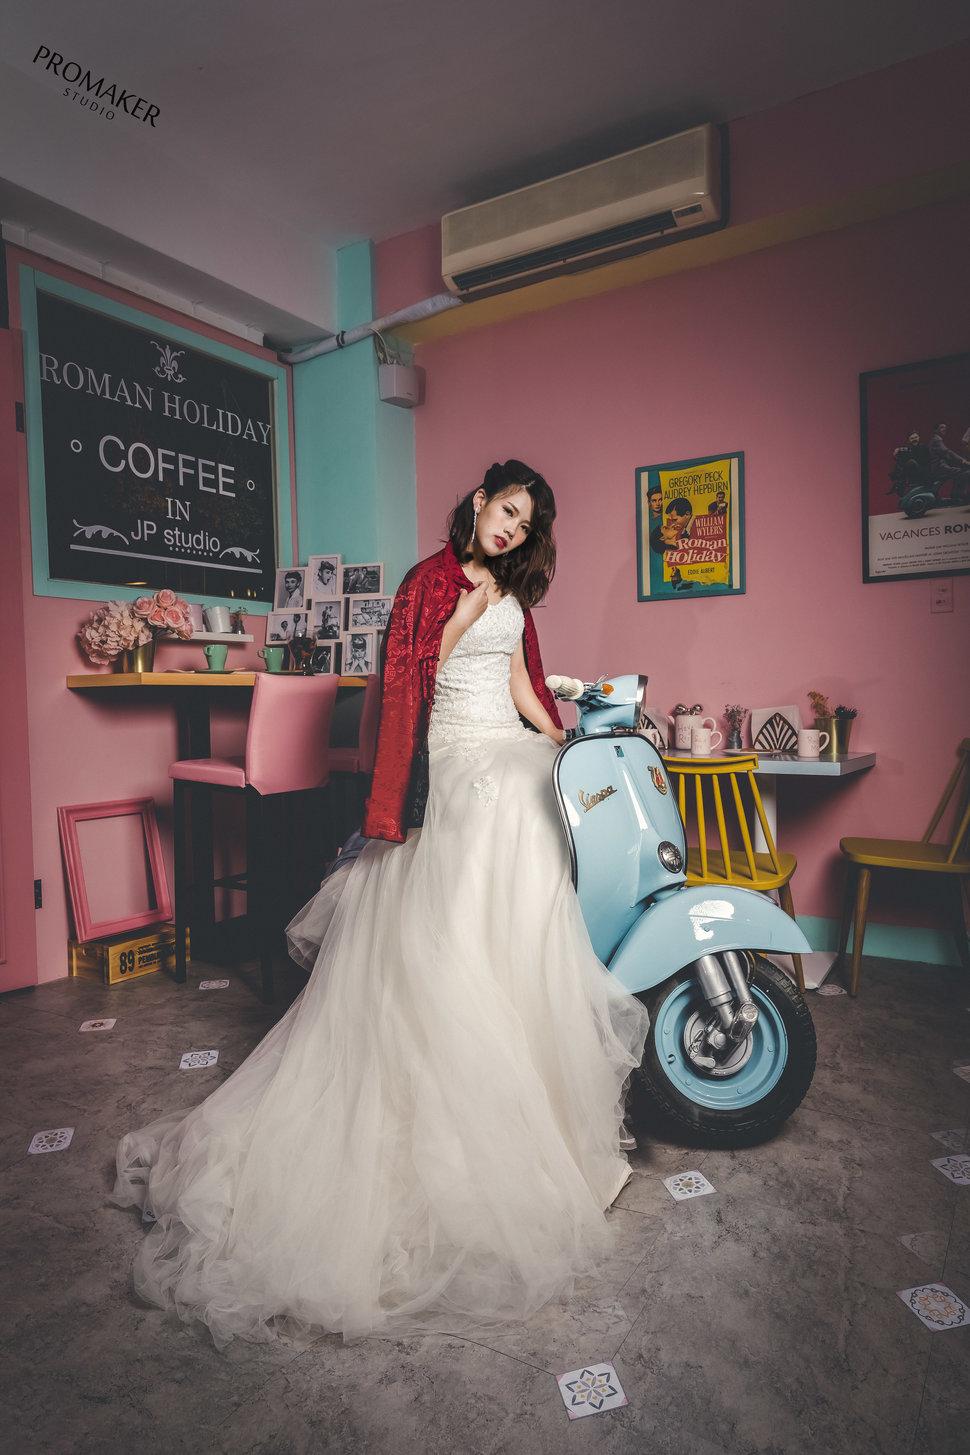 P01_1286 - Promaker婚禮紀錄攝影團隊婚攝豪哥《結婚吧》